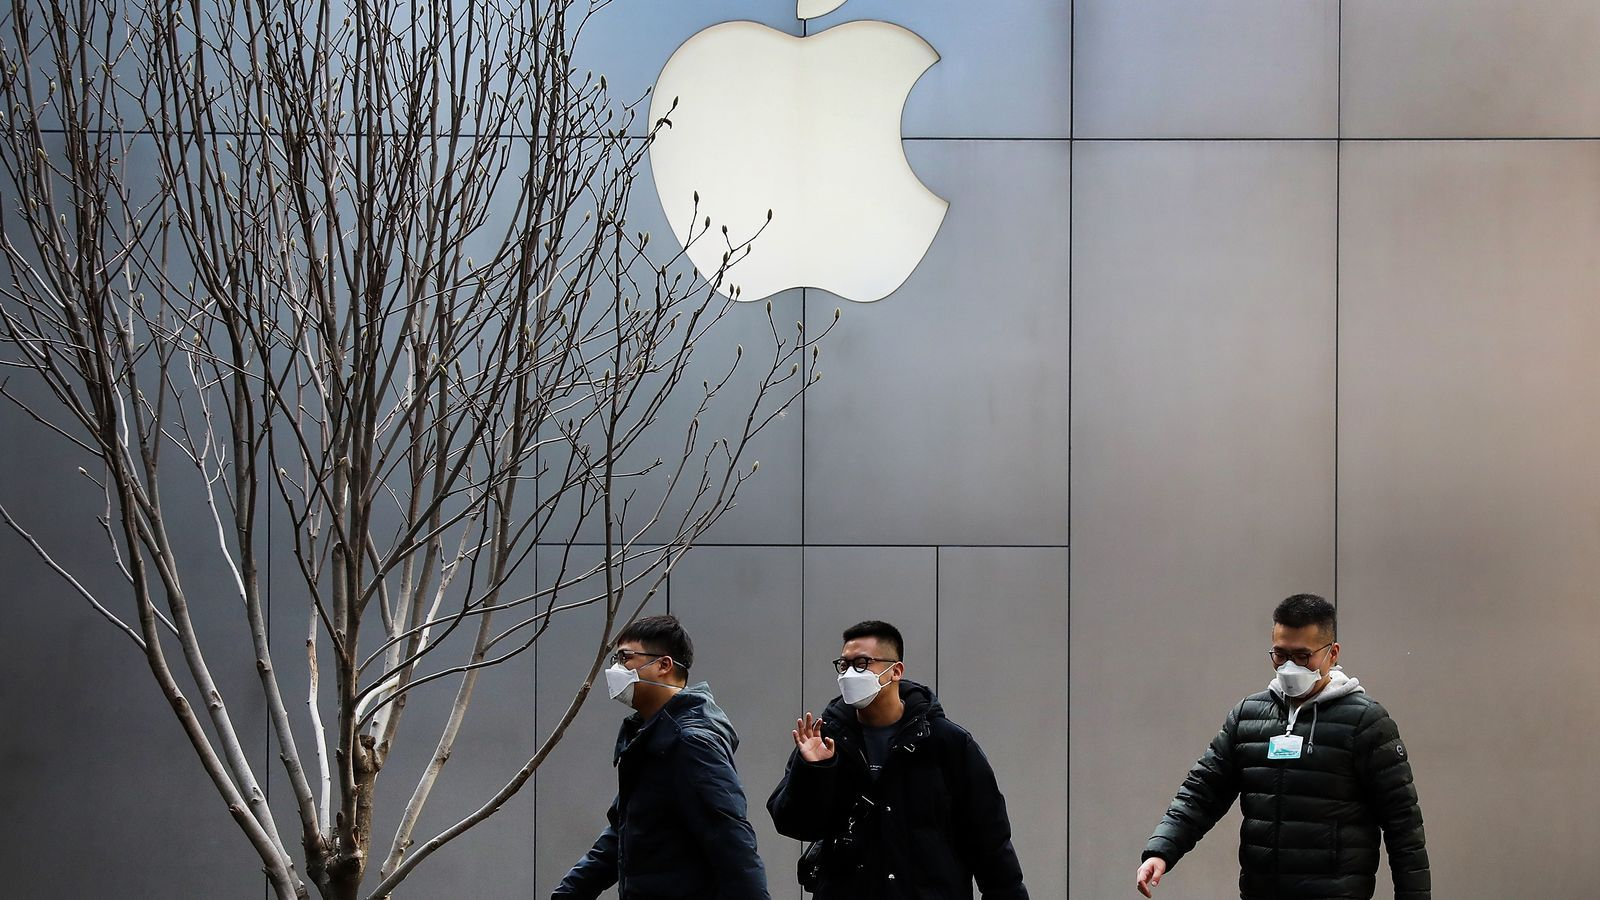 Apple alerta que el coronavirus ha frenat la fabricació i venda d'iPhones